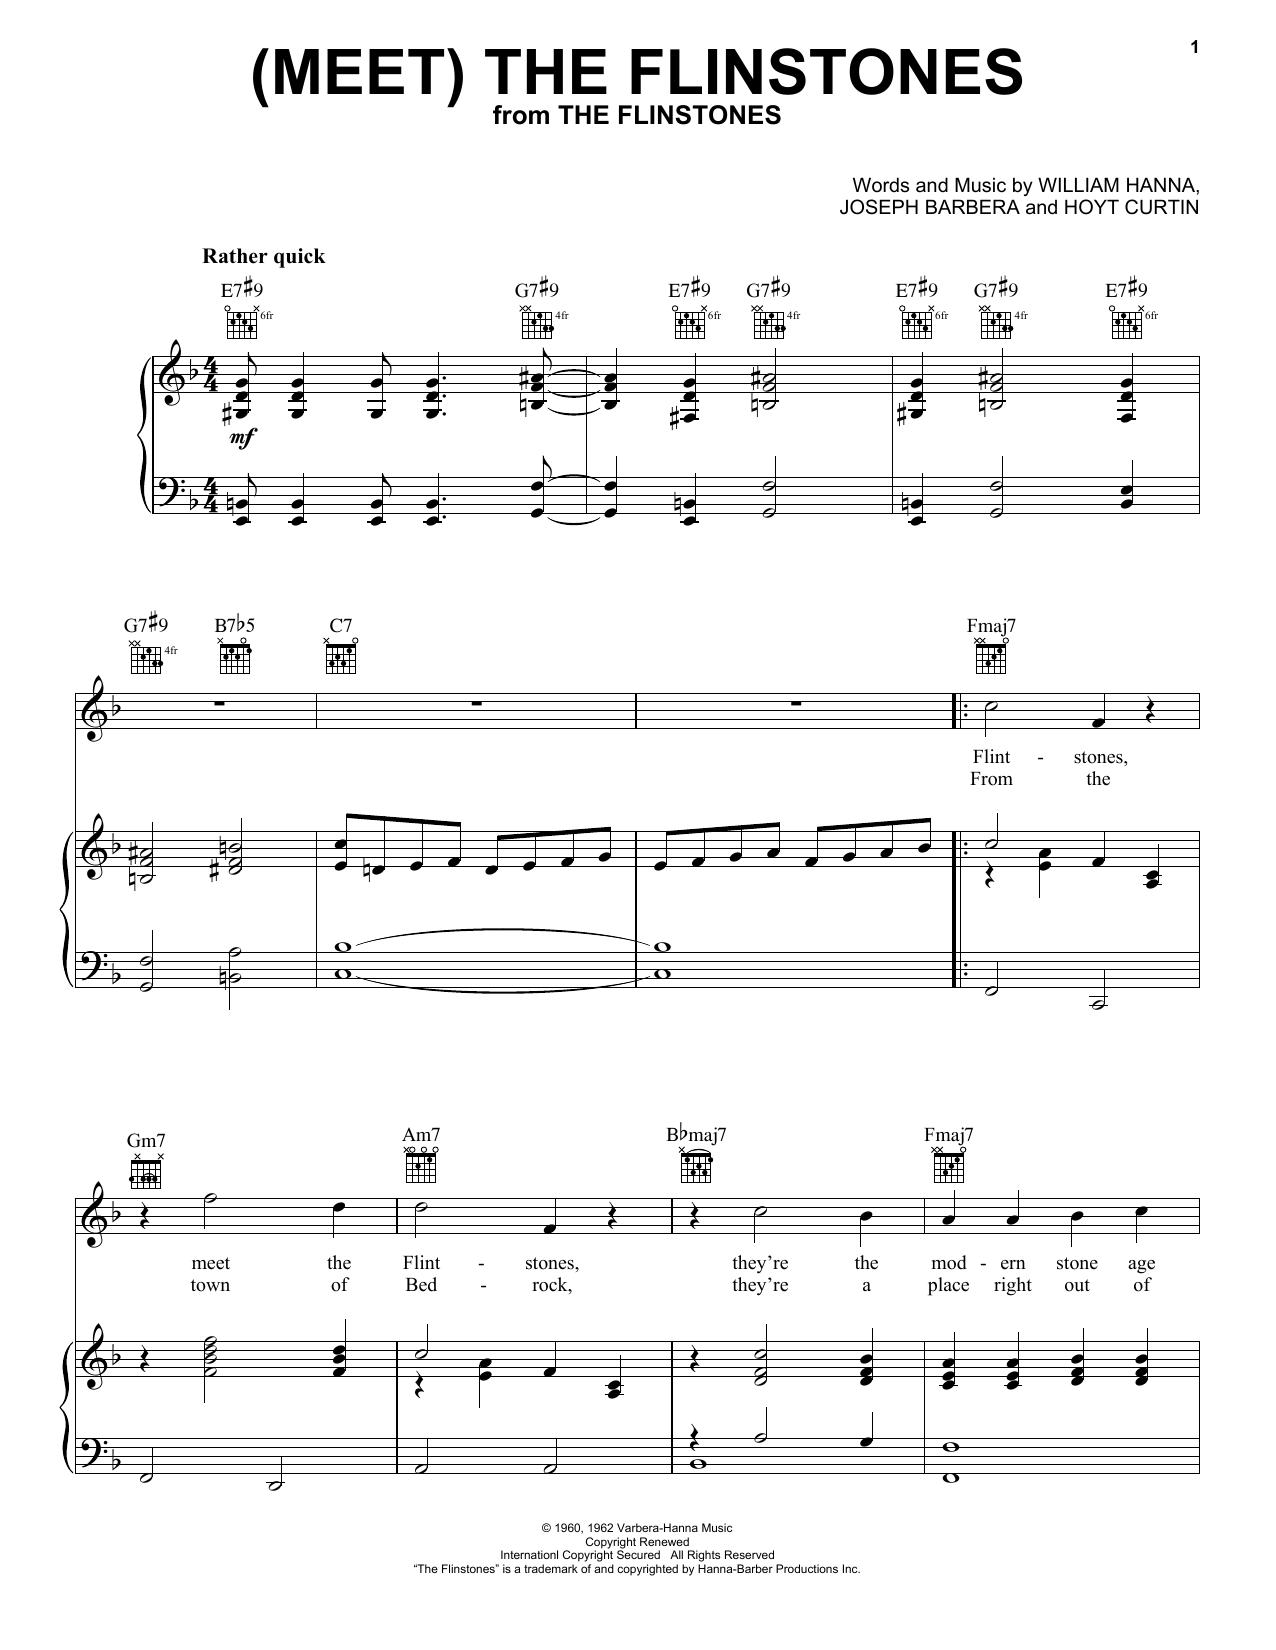 (Meet) The Flintstones Sheet Music